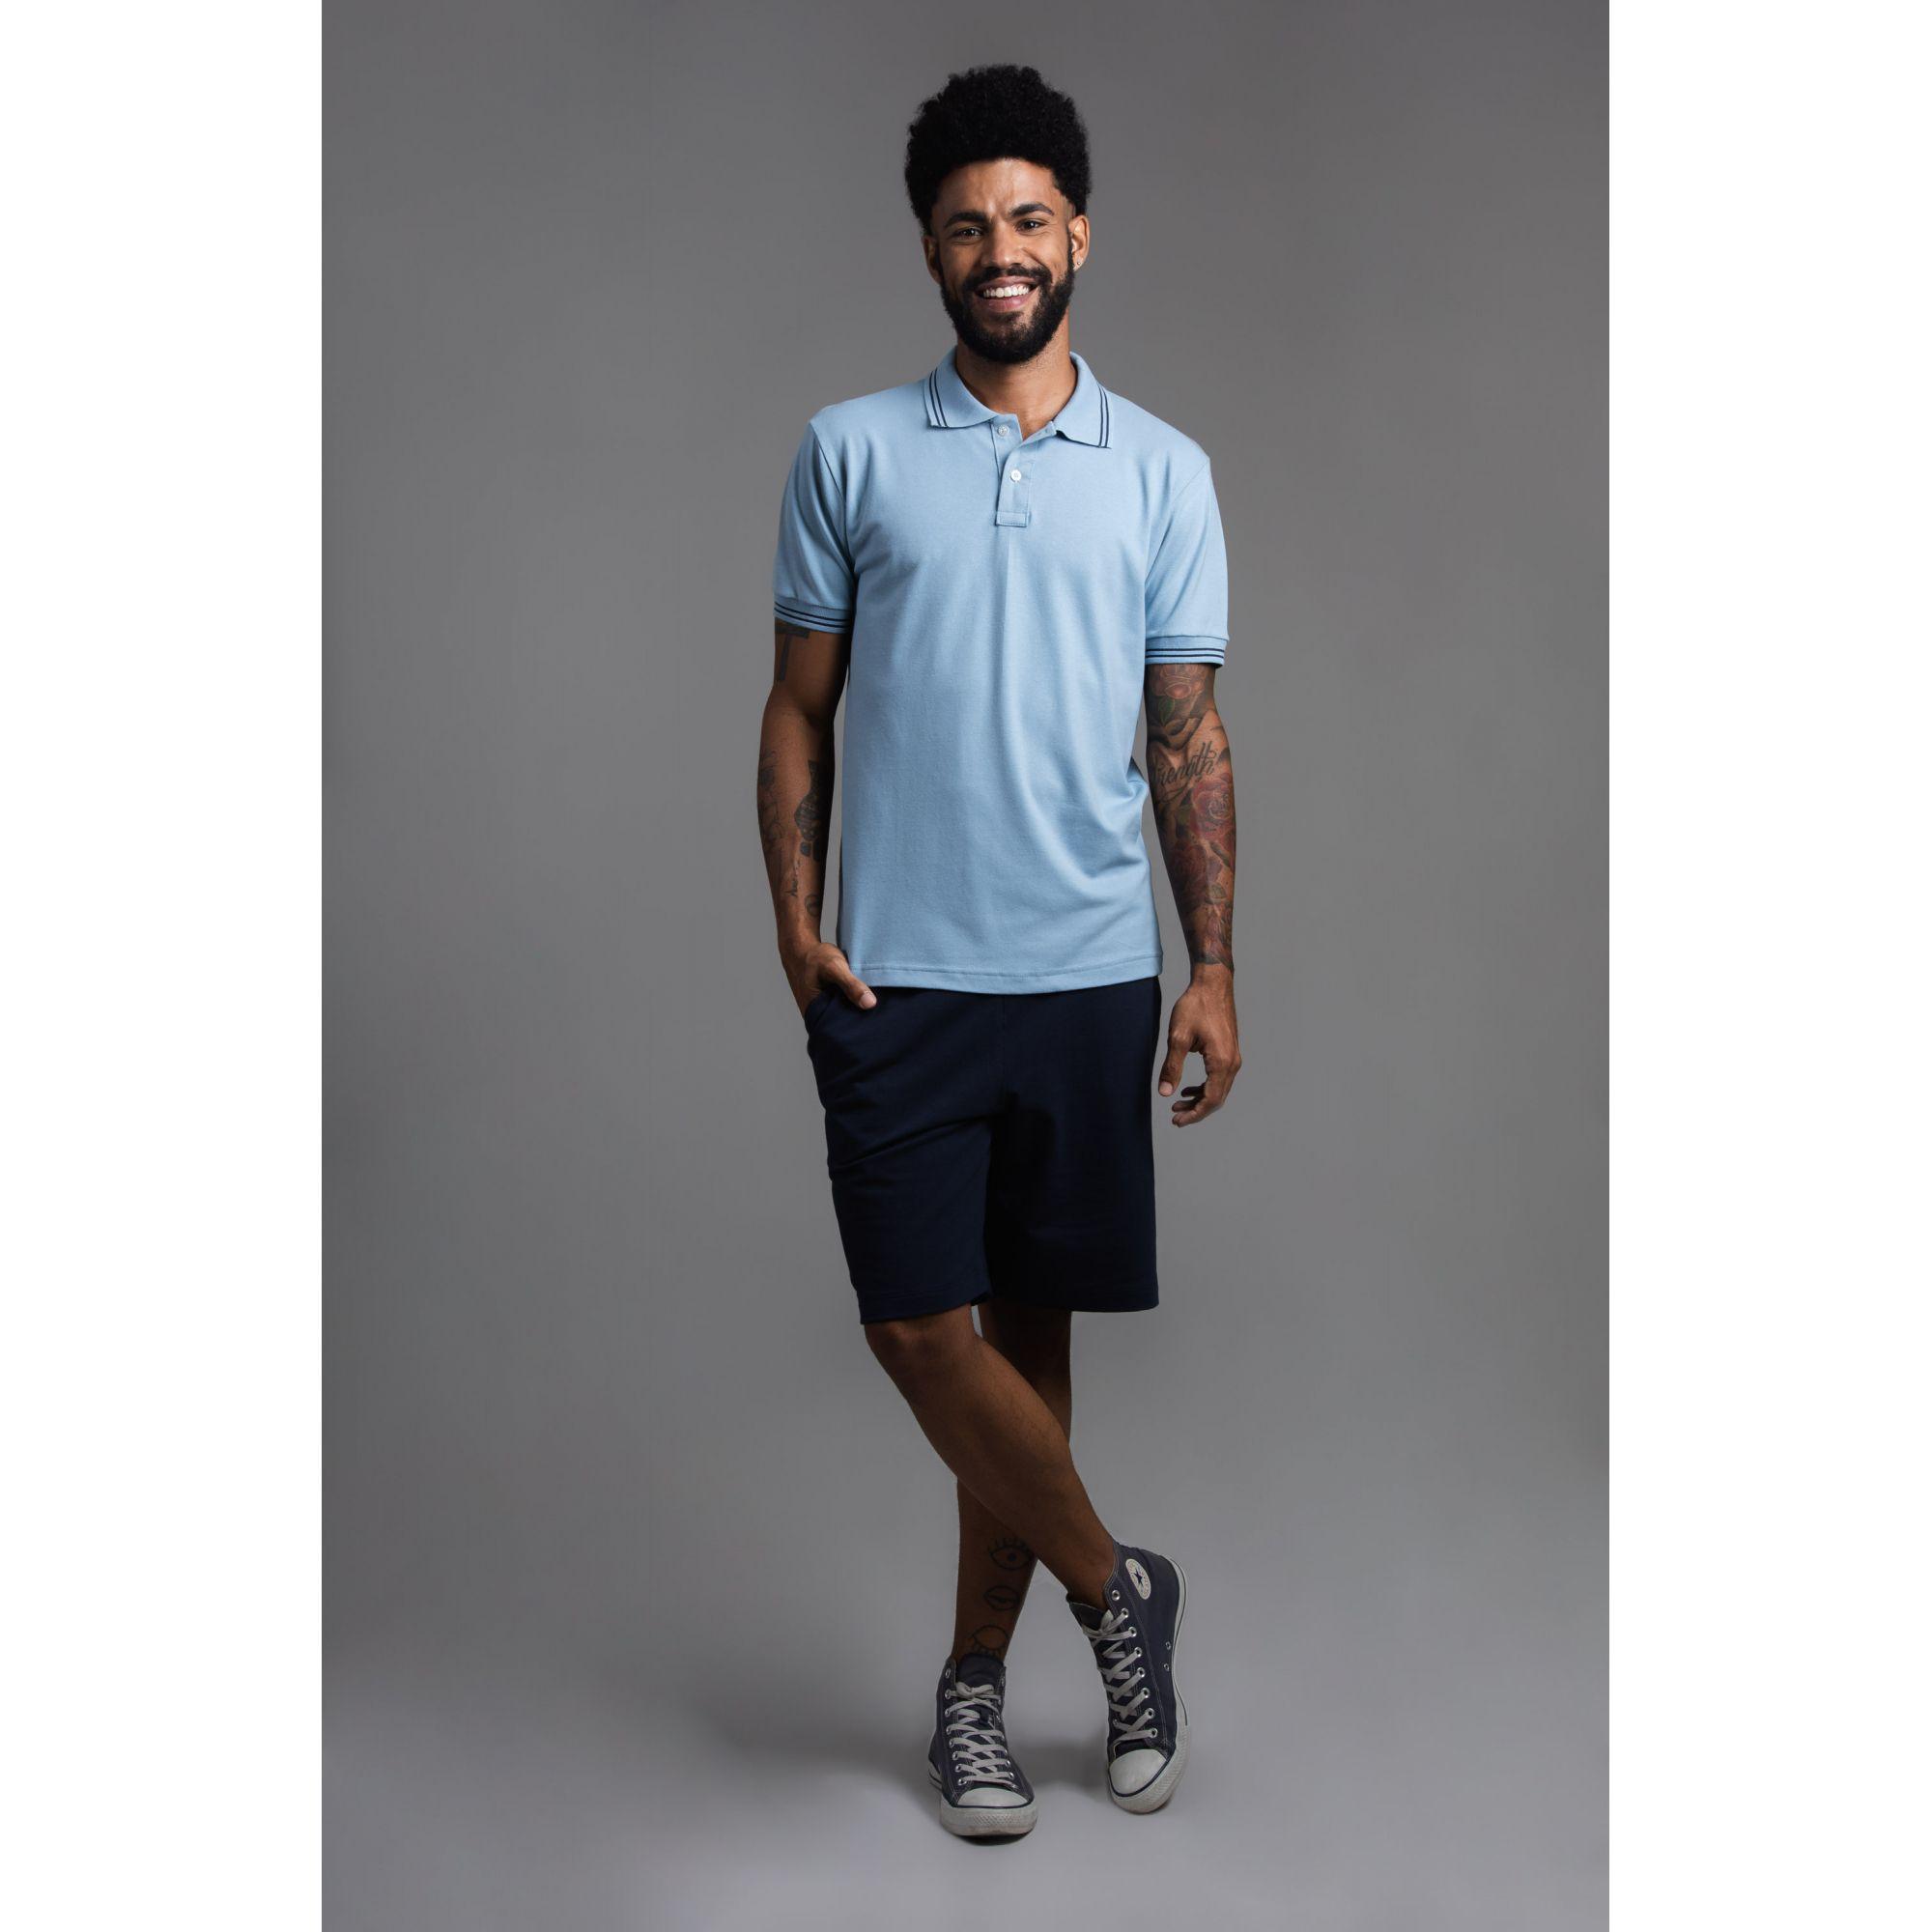 Camisa Masculina Manga Curta Gola Polo